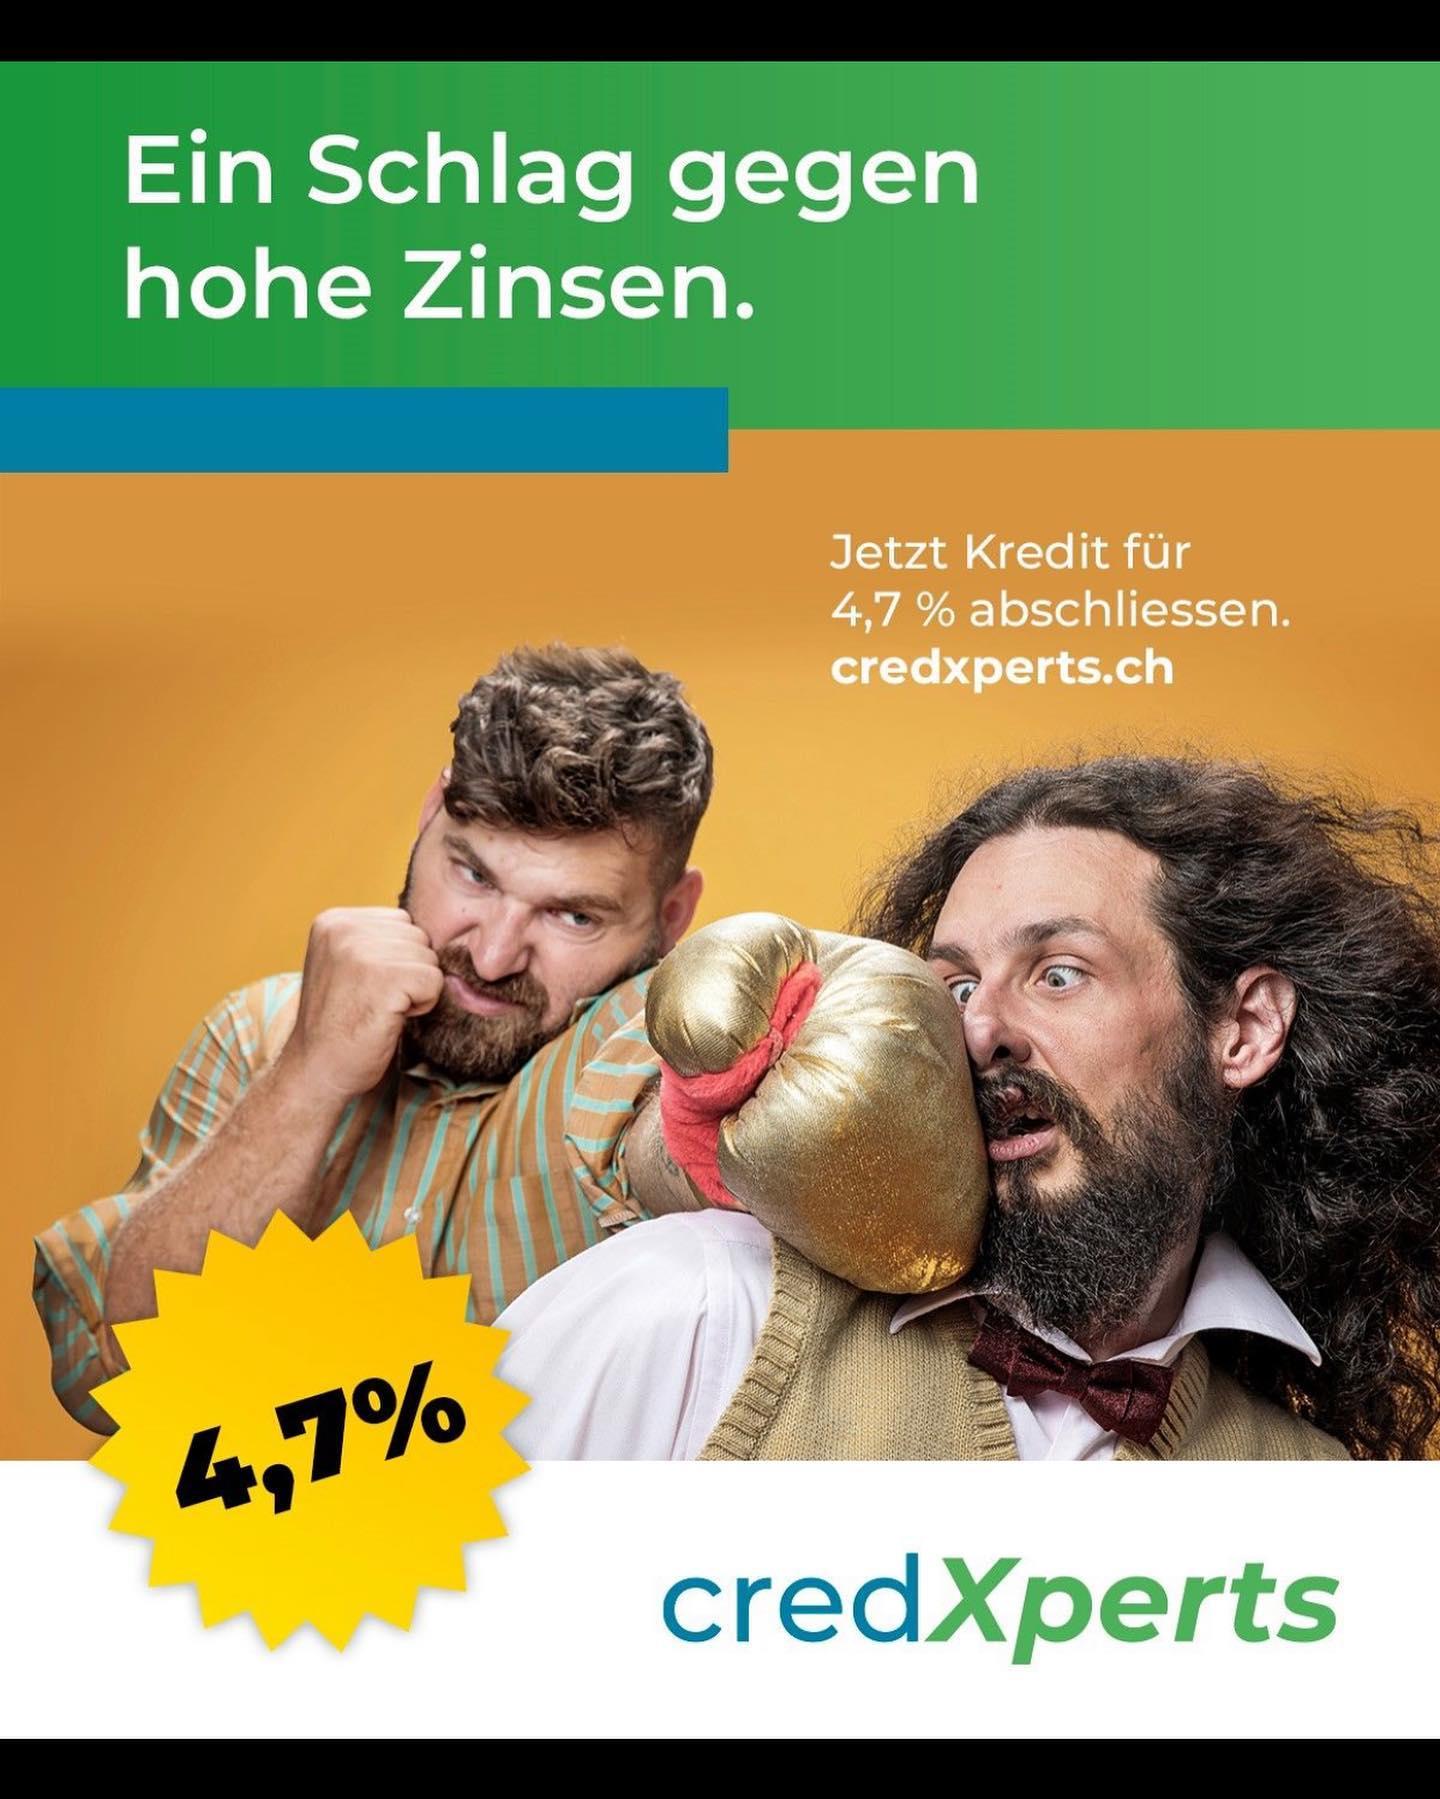 Kreditvergleich in der Schweiz